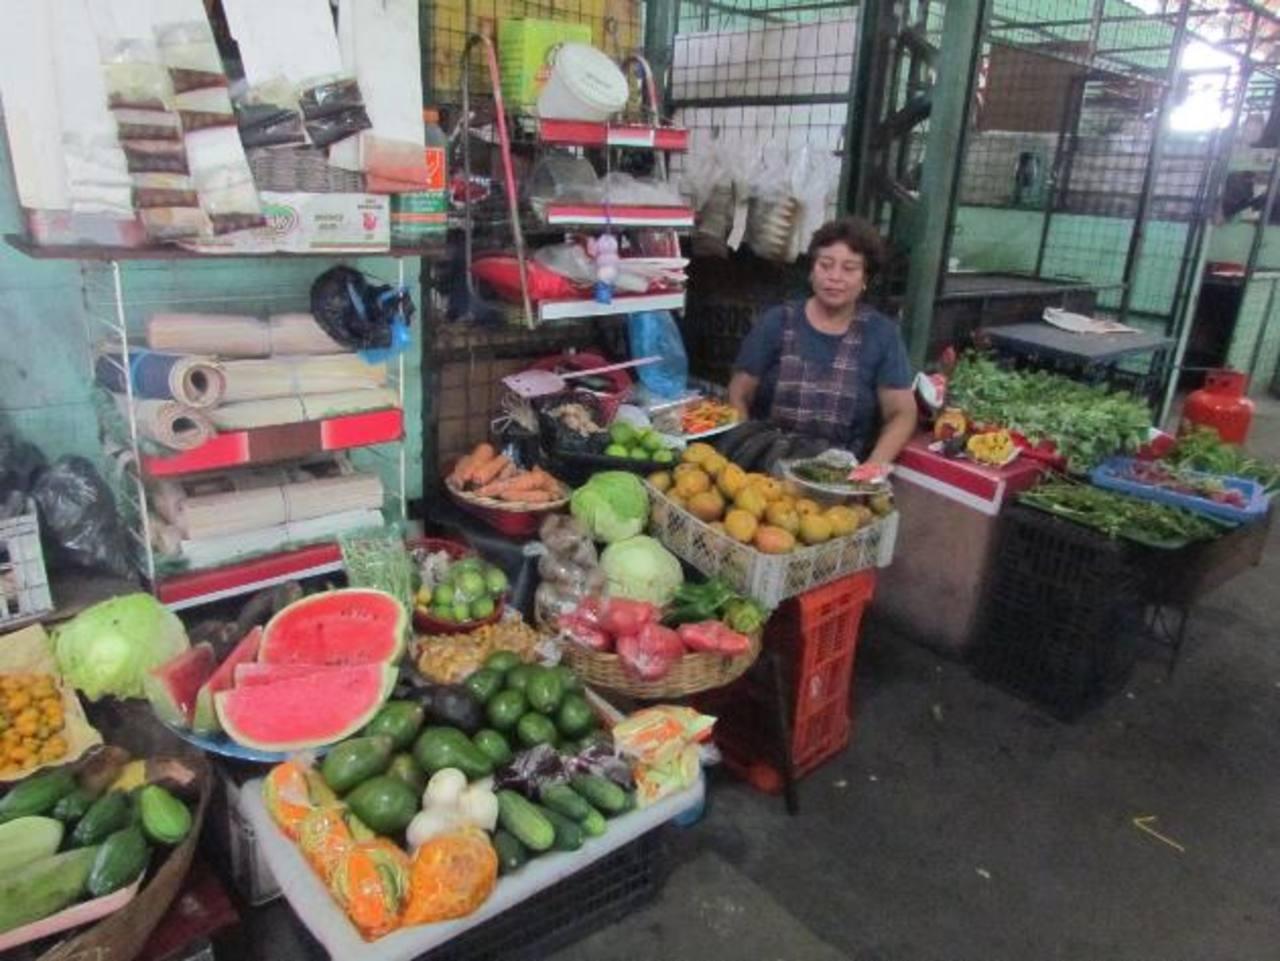 Aunque los comerciantes de los mercados ofrecen variedad de productos, los consumidores no llegan por falta de promoción y crisis económica, consideran. Foto EDH / Mauricio Guevara